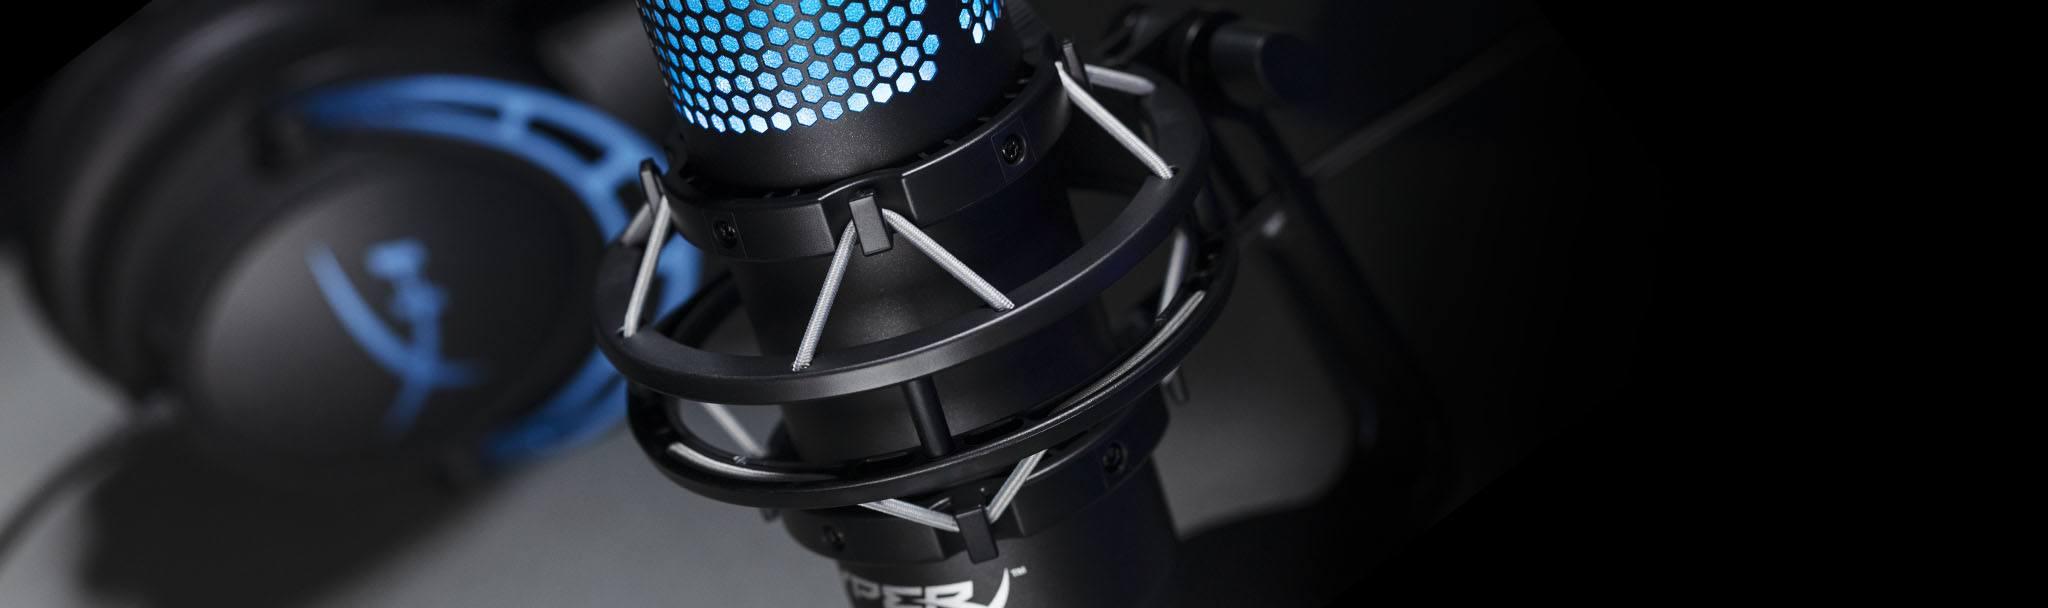 Microphone Kingston HyperX QuadCast S RGB - HMIQ1S-XX-RG/G trang bị giá chống xóc, chống rung